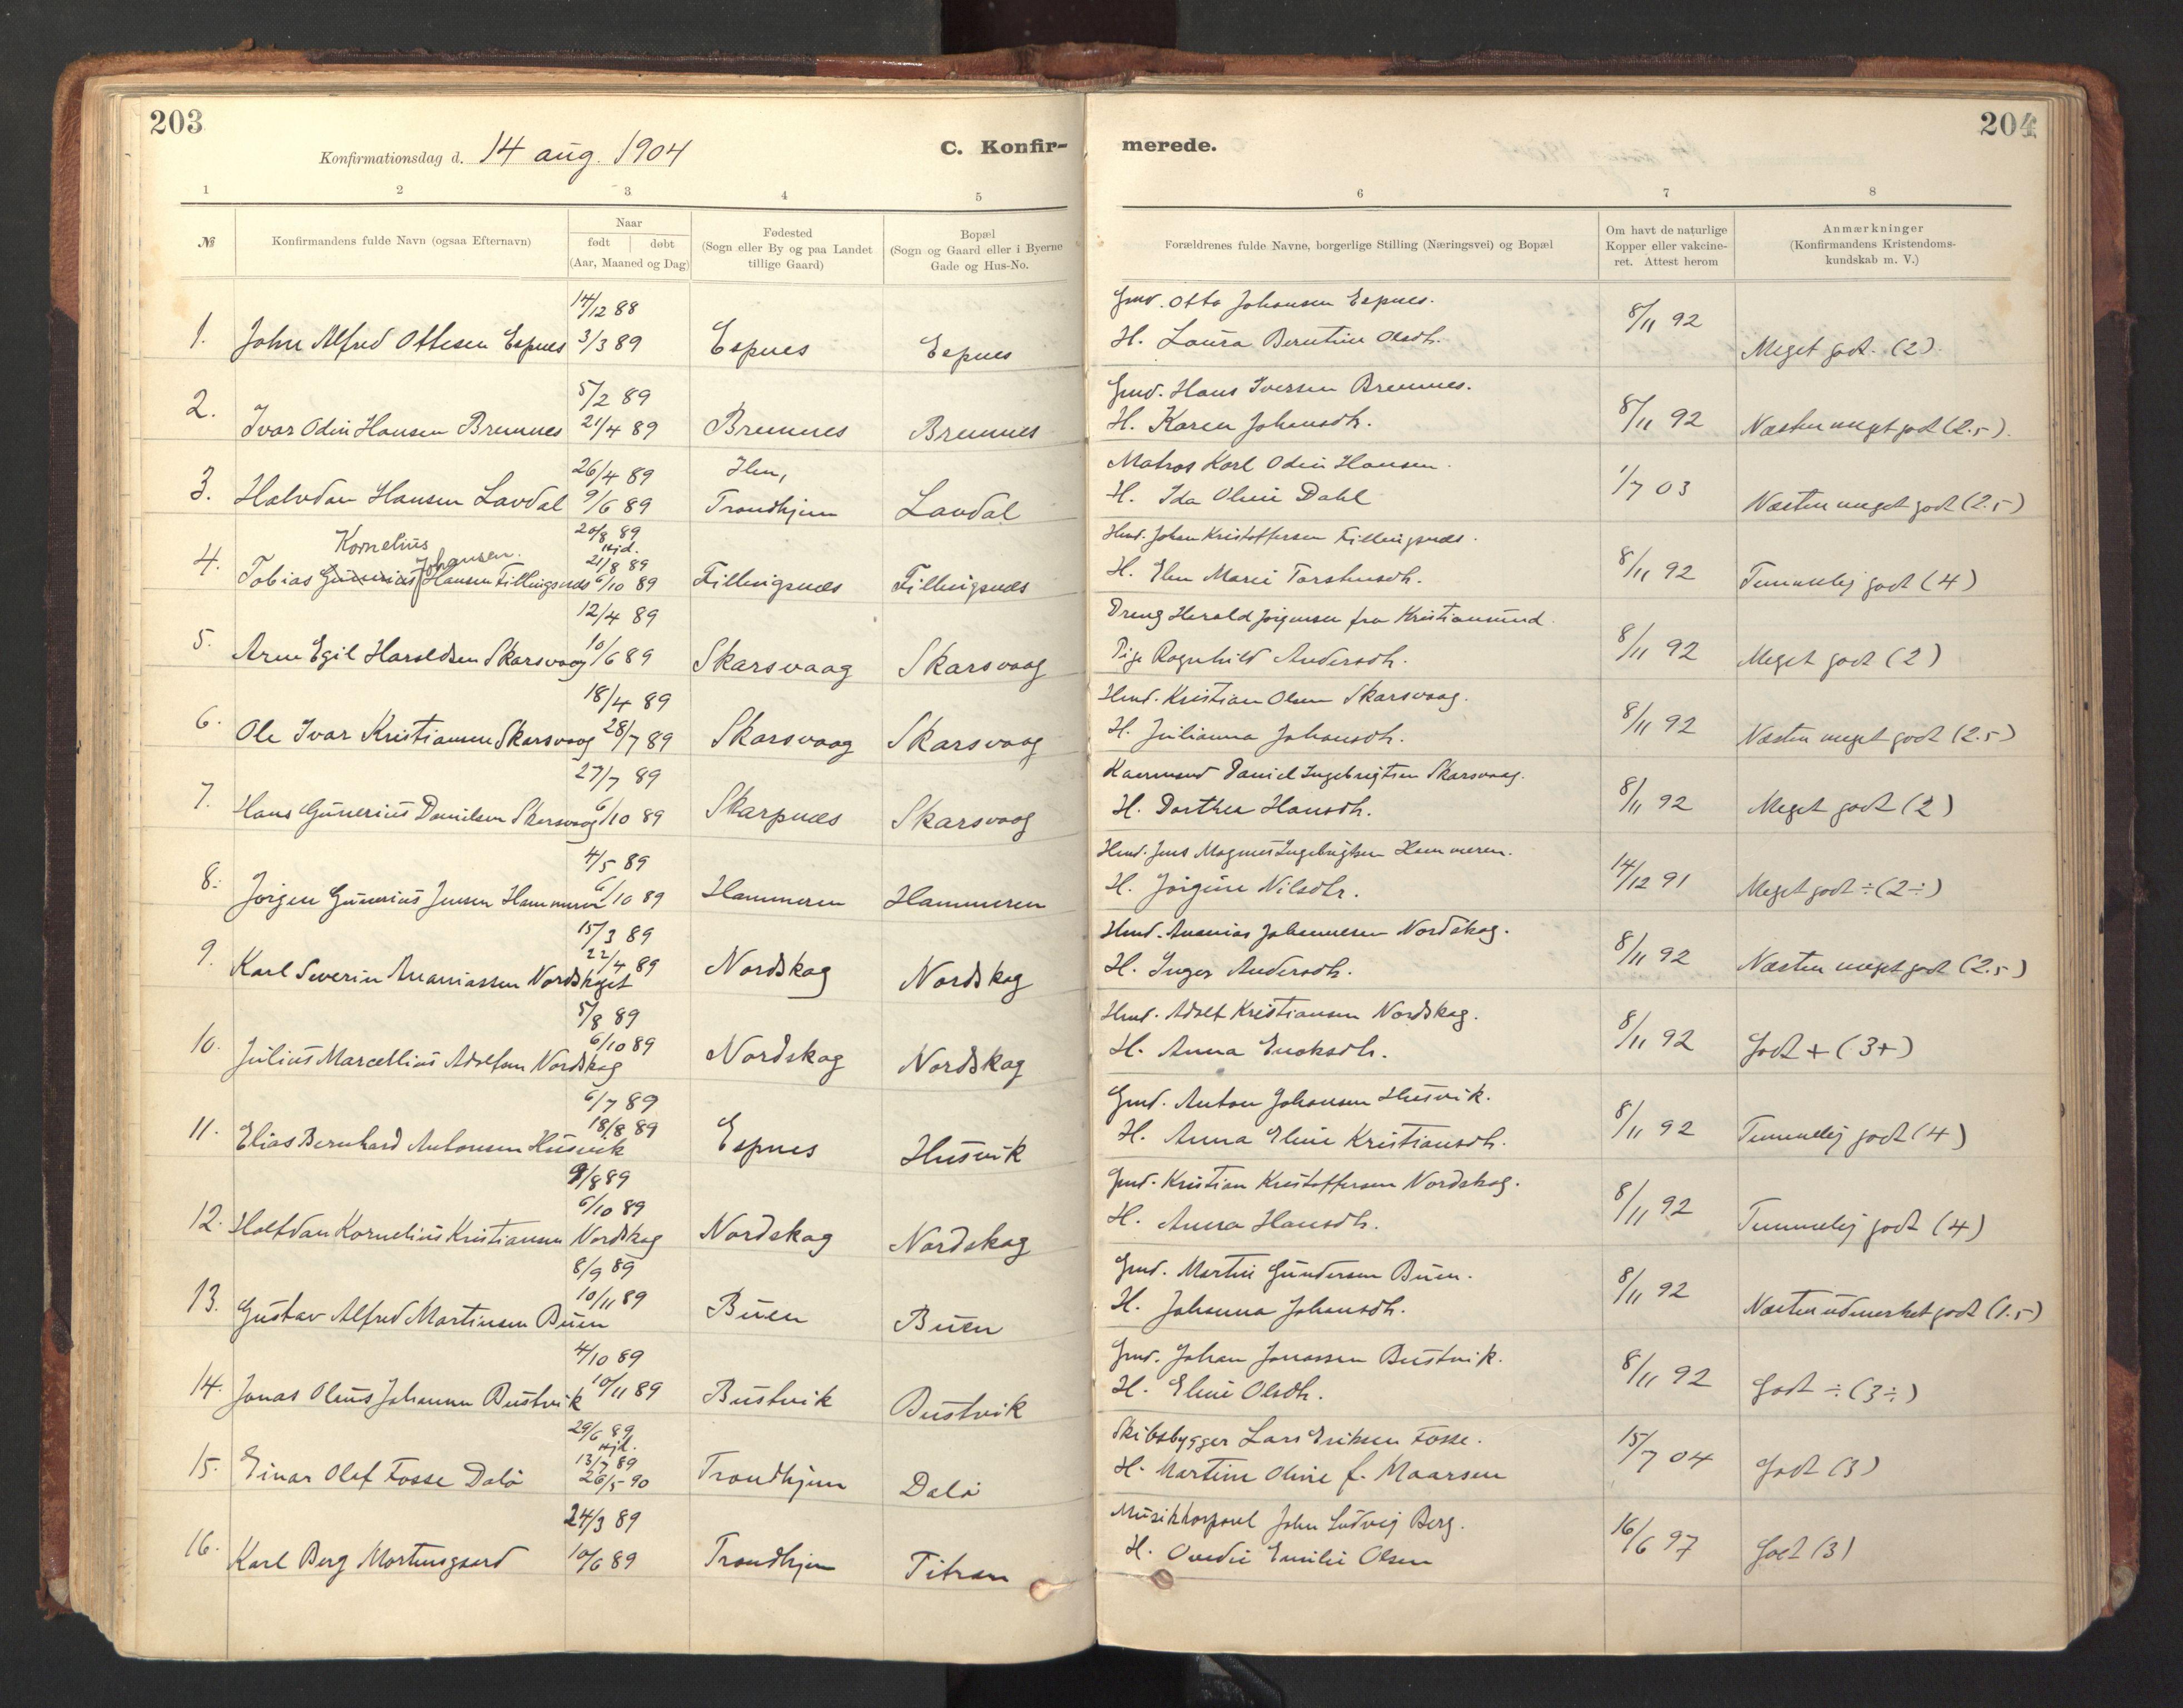 SAT, Ministerialprotokoller, klokkerbøker og fødselsregistre - Sør-Trøndelag, 641/L0596: Ministerialbok nr. 641A02, 1898-1915, s. 203-204